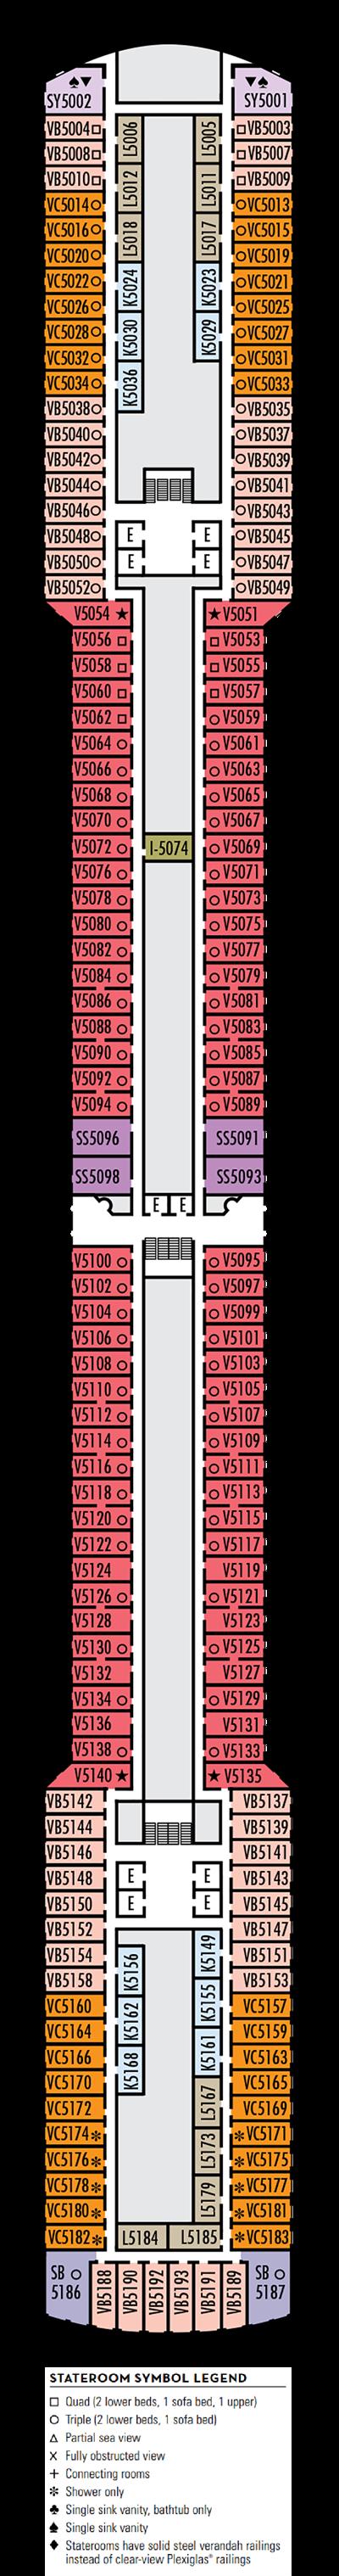 Deck 5 - HAL's Eurodam